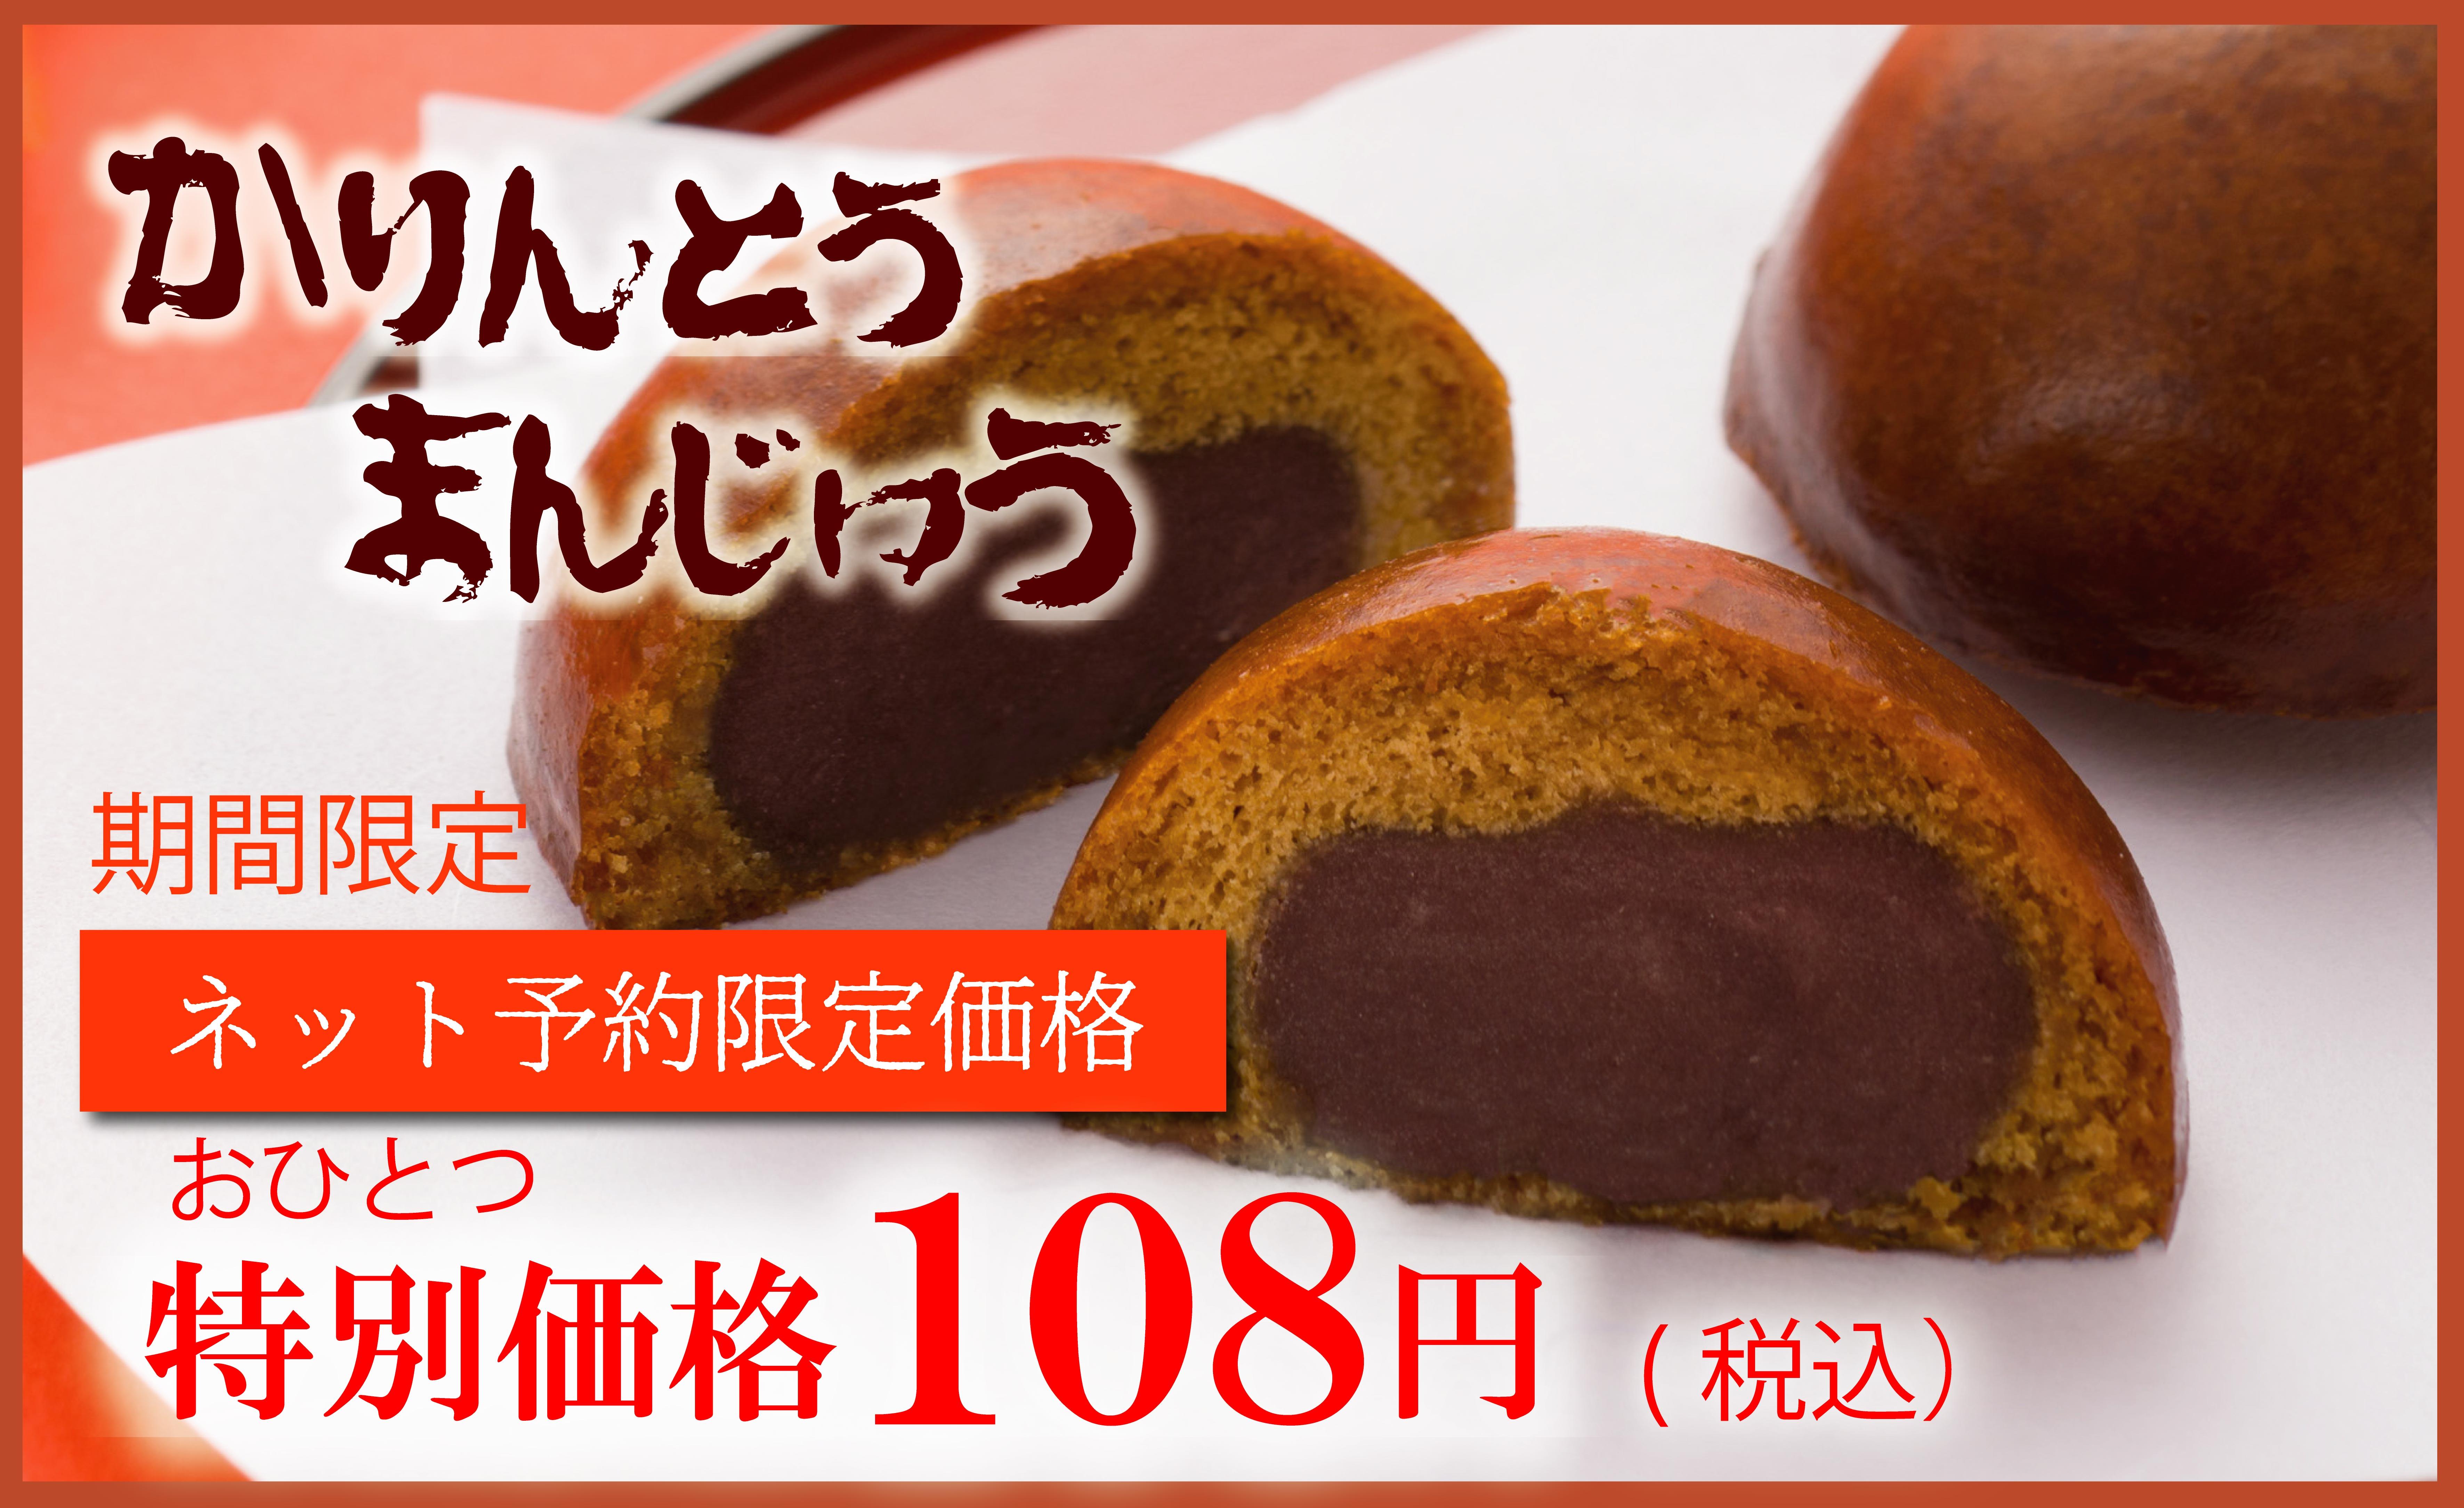 かりんとう11円引き